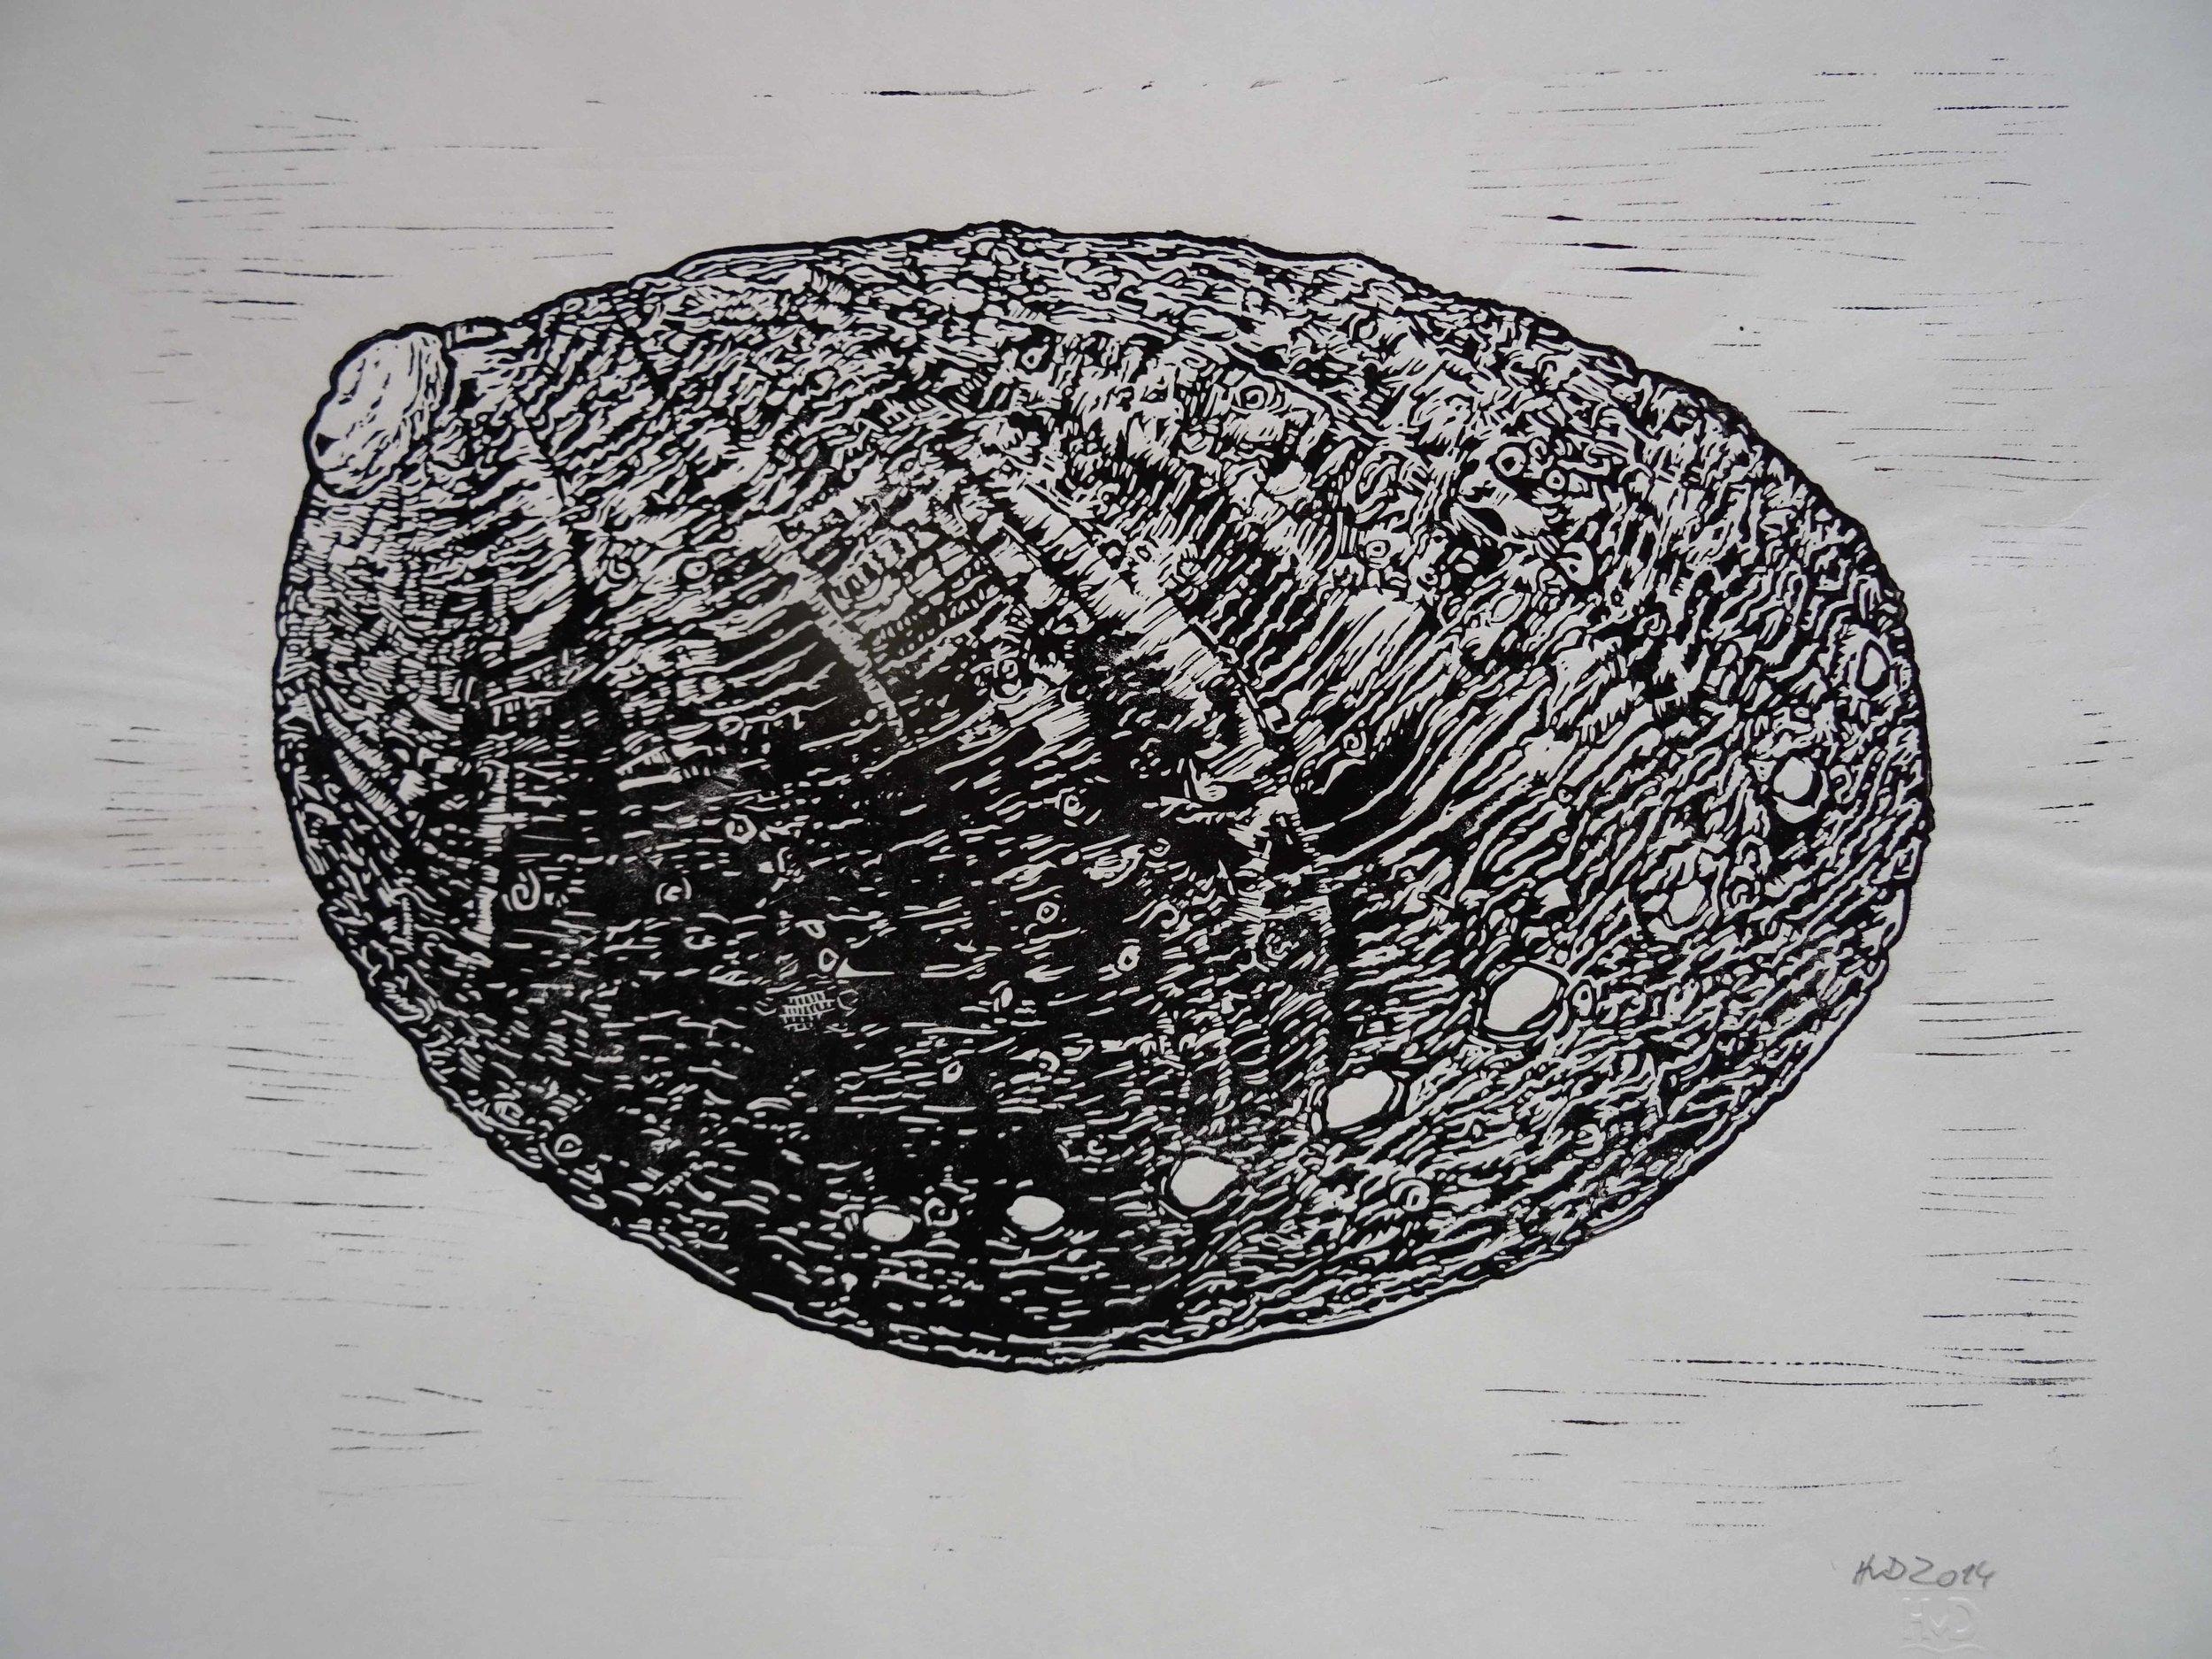 114 - Meerohr, lino 30x40 cm, 60 €